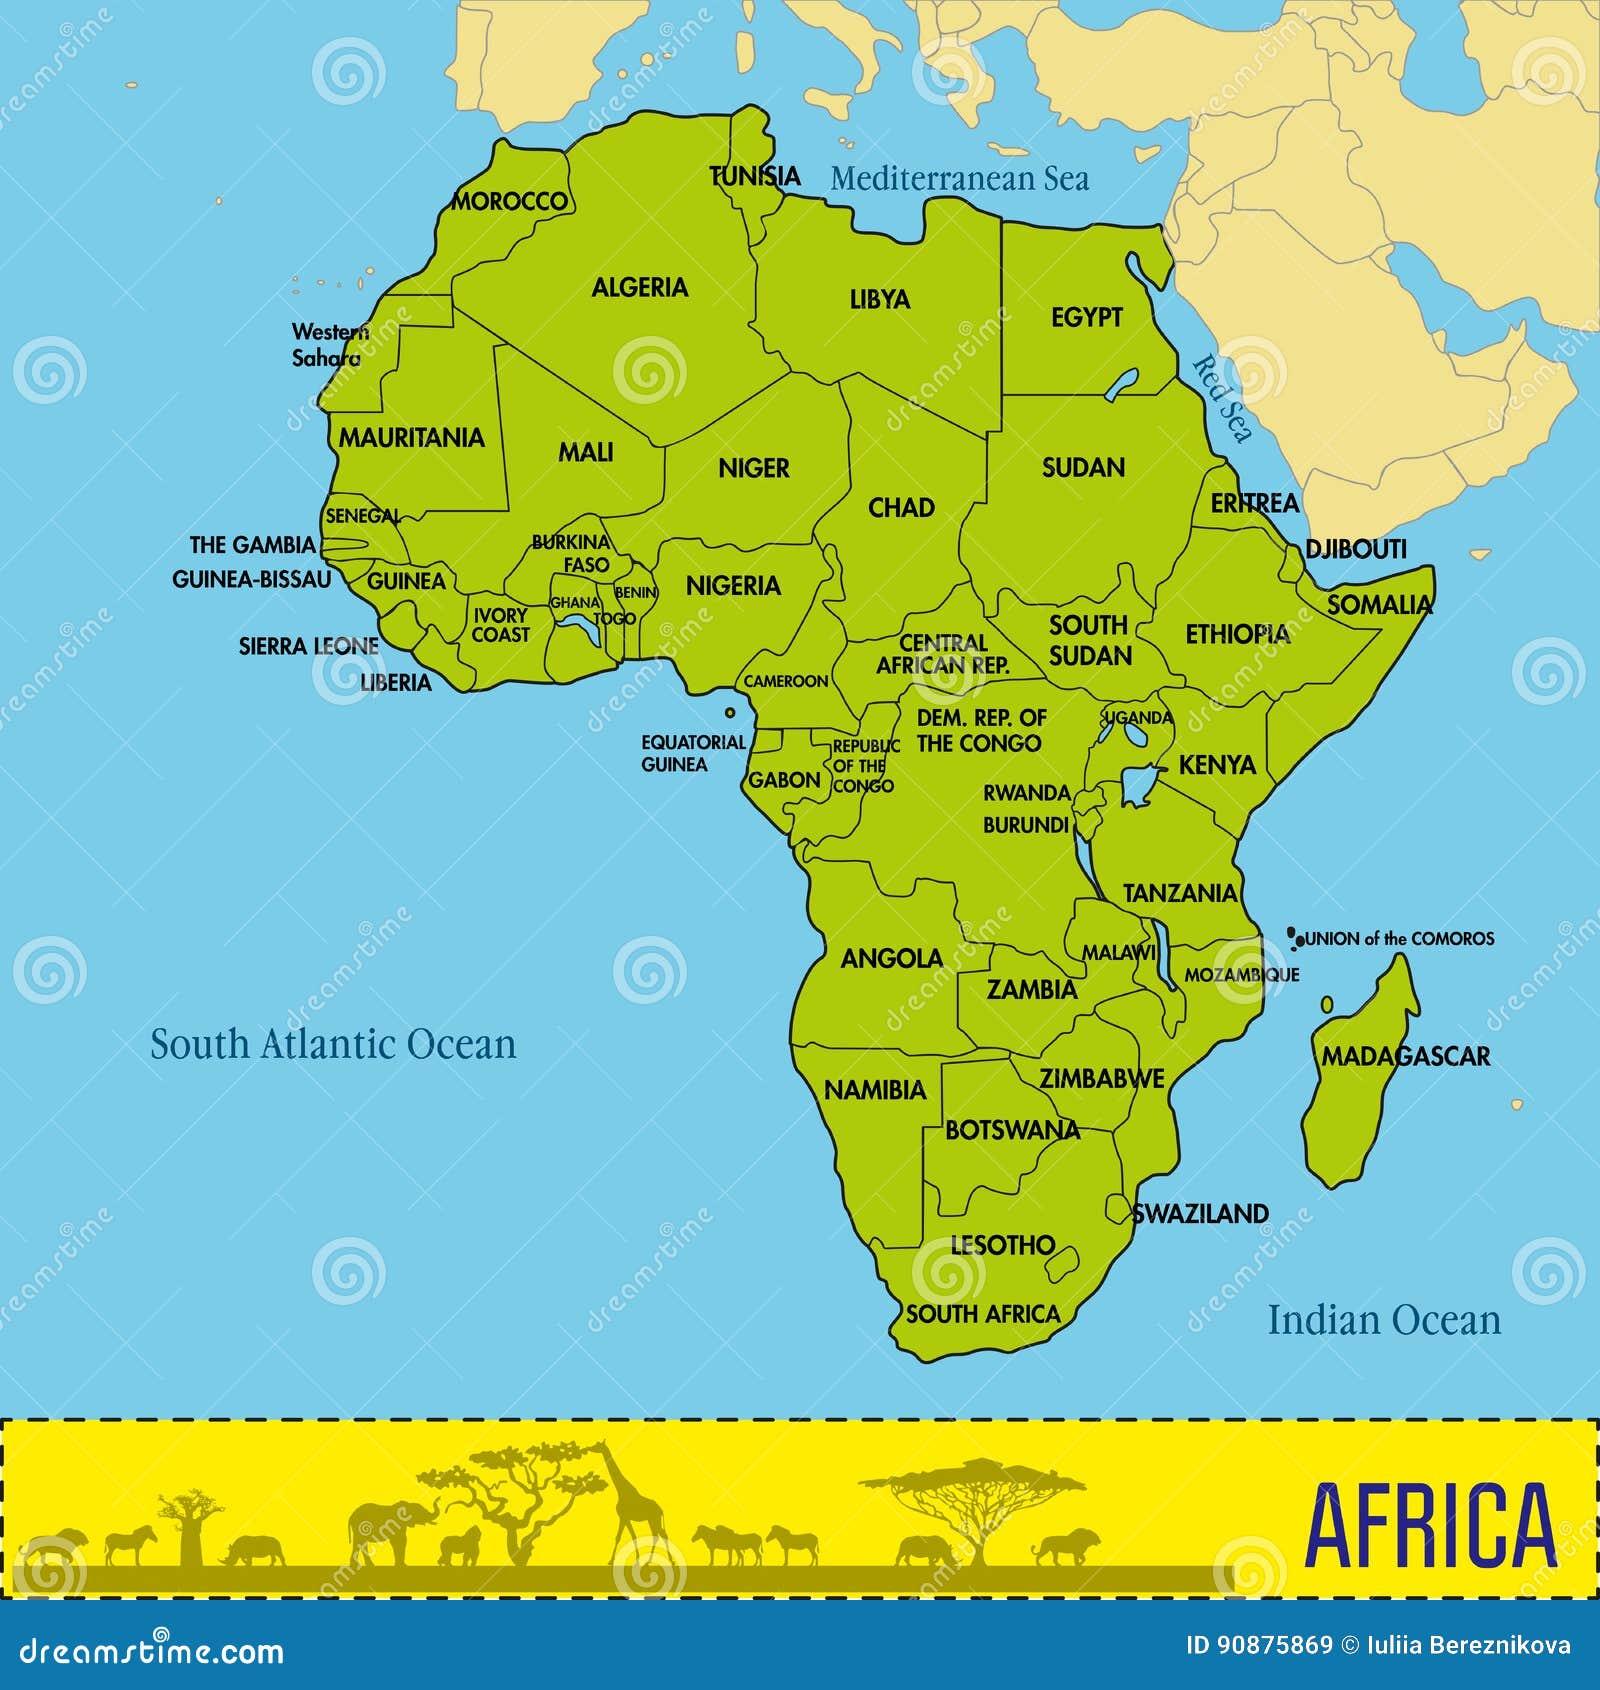 Africa Politica Cartina In Italiano.Mappa Dell Africa Con Tutti I Paesi Ed I Loro Capitali